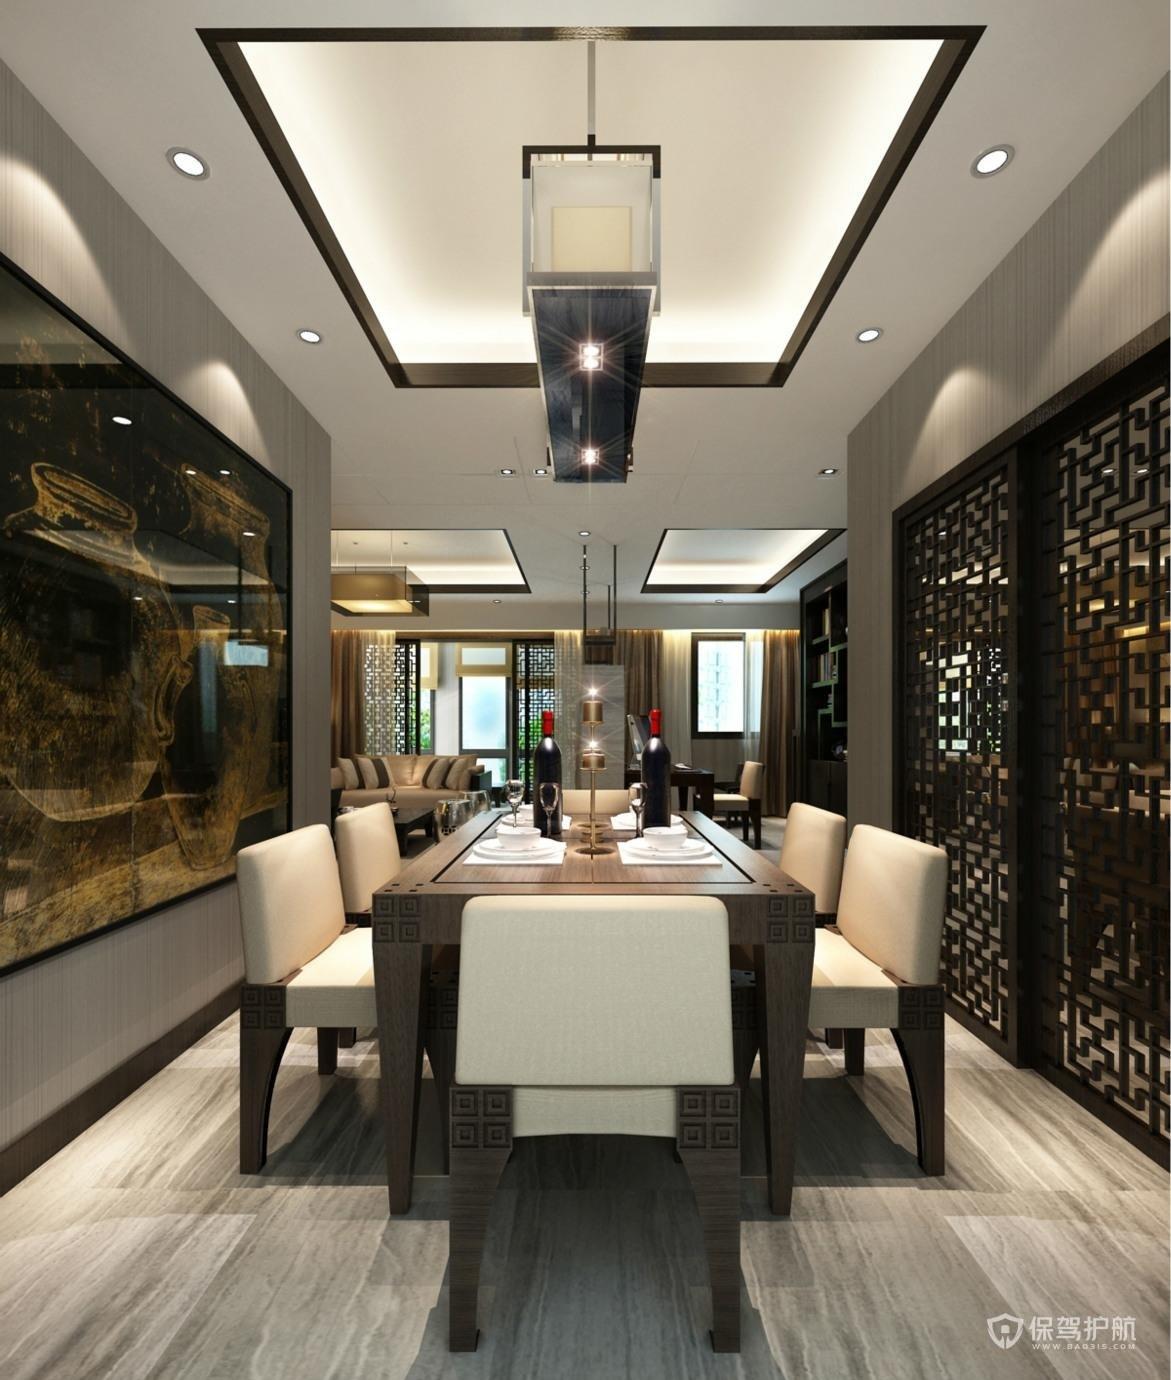 中式大户型餐厅吊顶亚搏体育平台app效果图